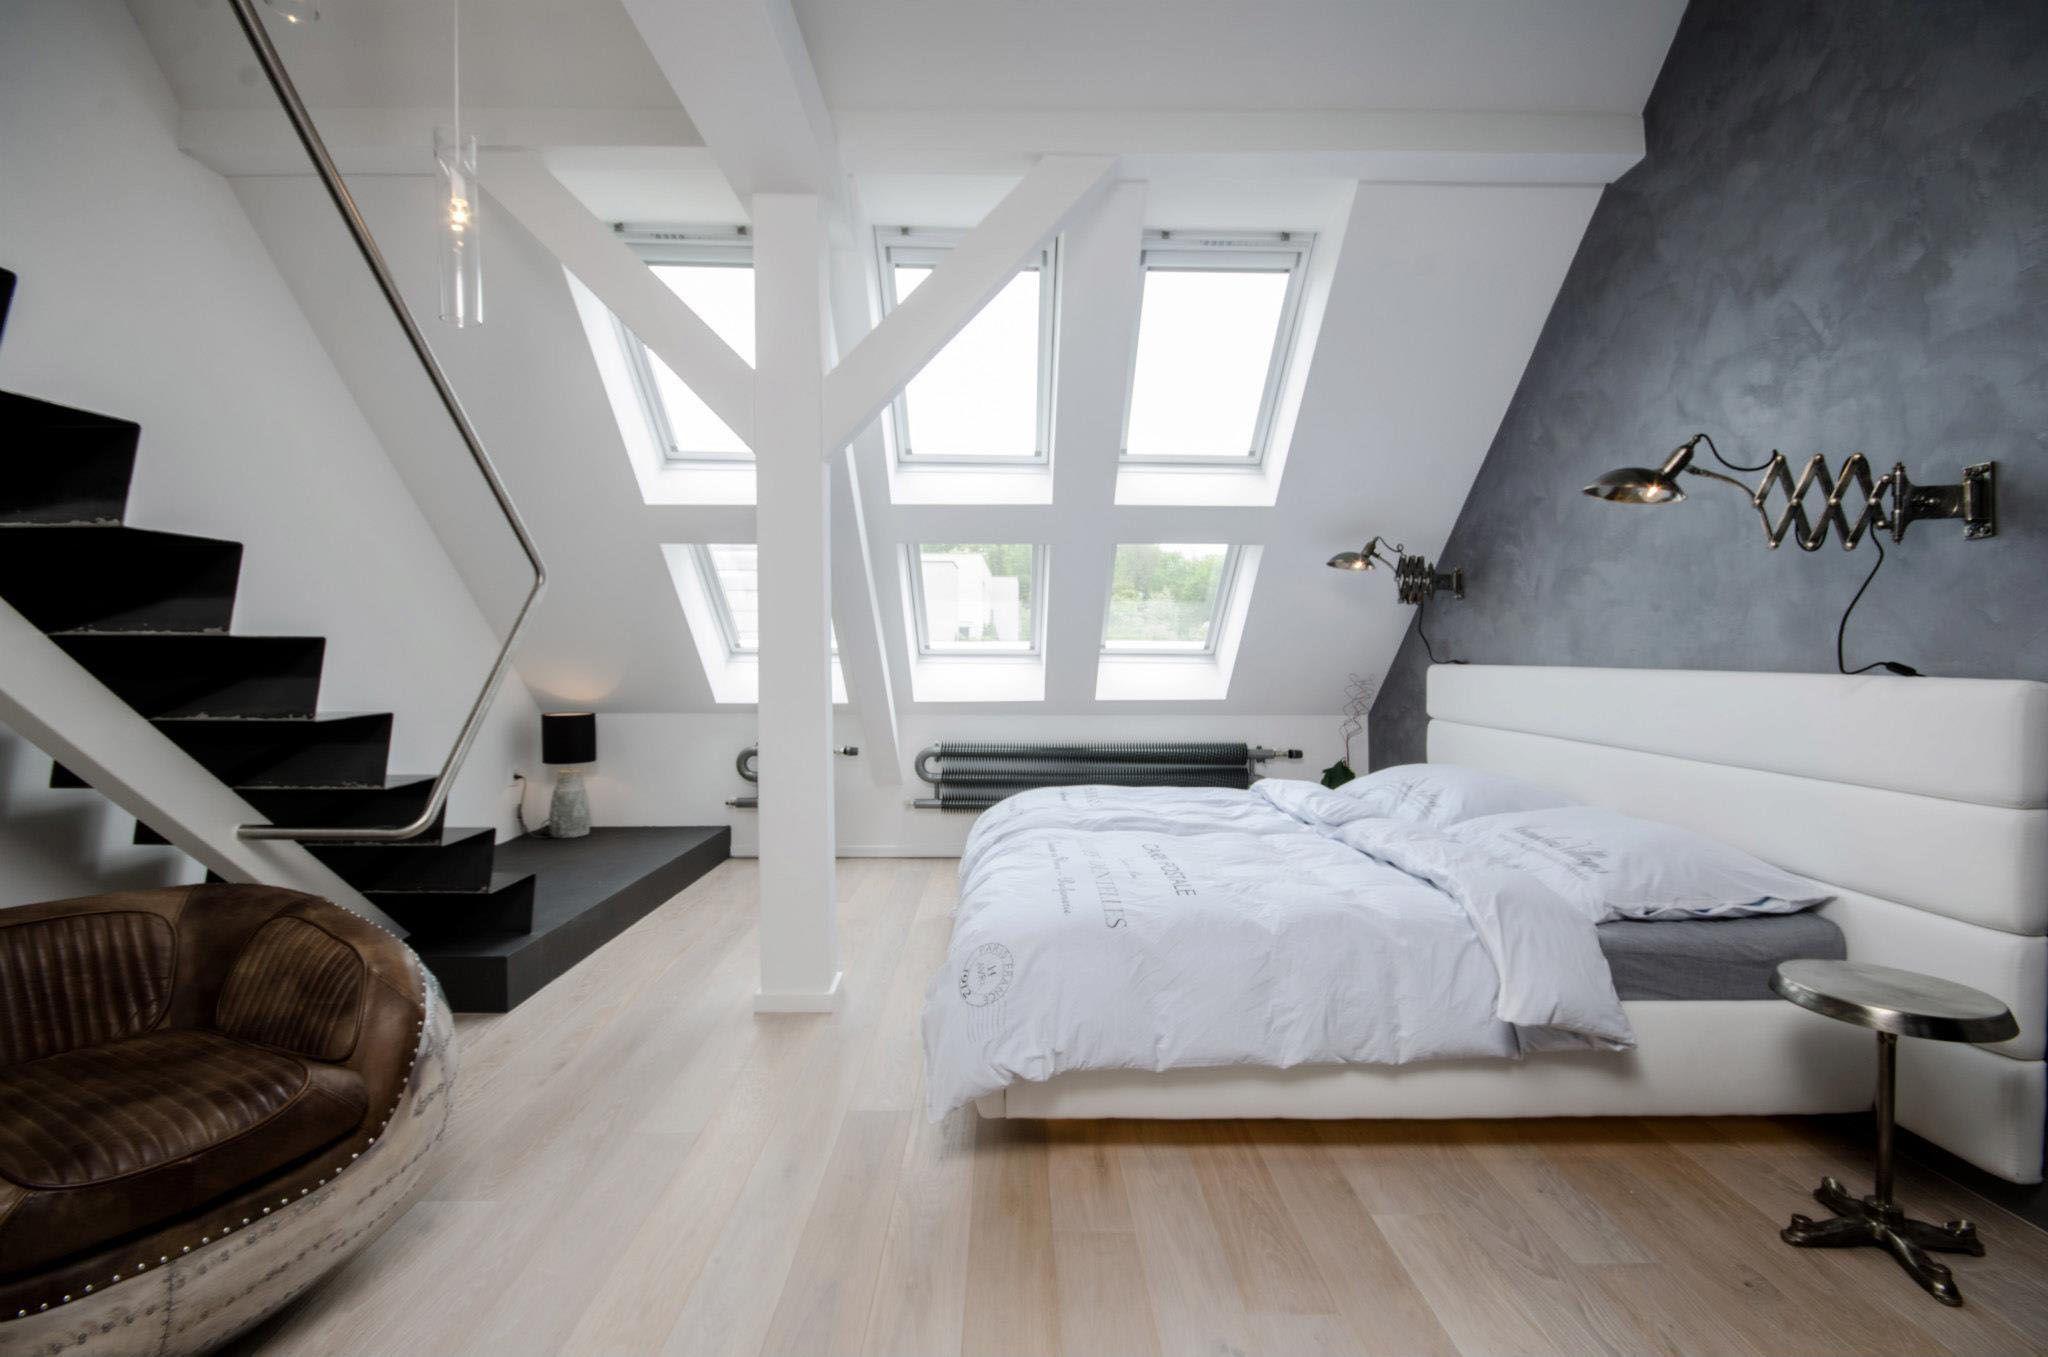 Attic loft apartment in prague home decor pinterest for Ideas decoracion loft